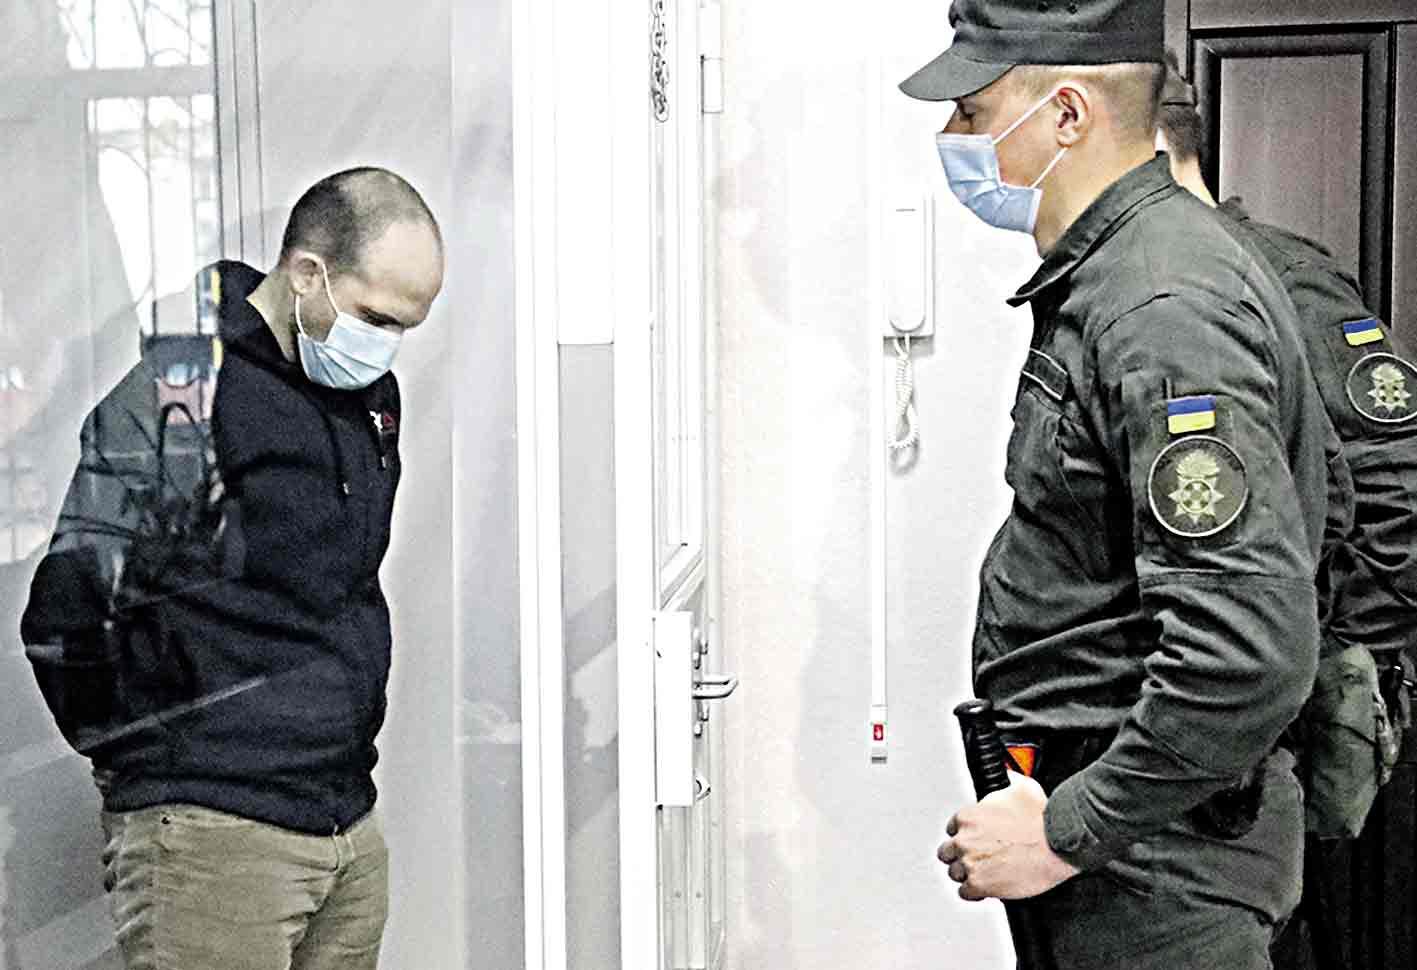 Де загубилась апеляція Анатолія Малєца, що отримав довічне за вбивство 4-х рідних людей 31 грудня 2018-го у Вінниці?